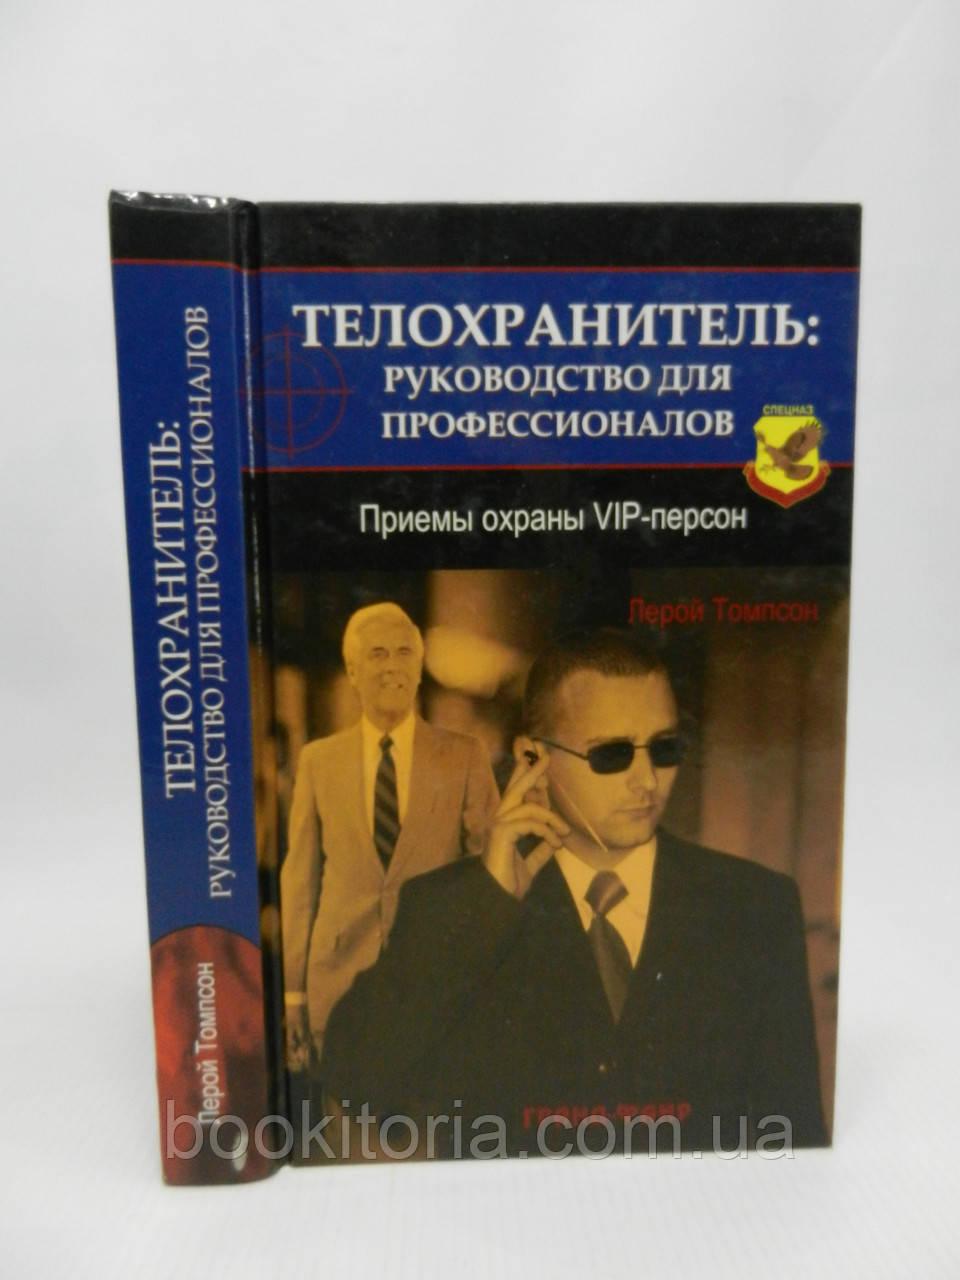 Томпсон Л. Телохранитель: руководство для профессионалов (б/у).